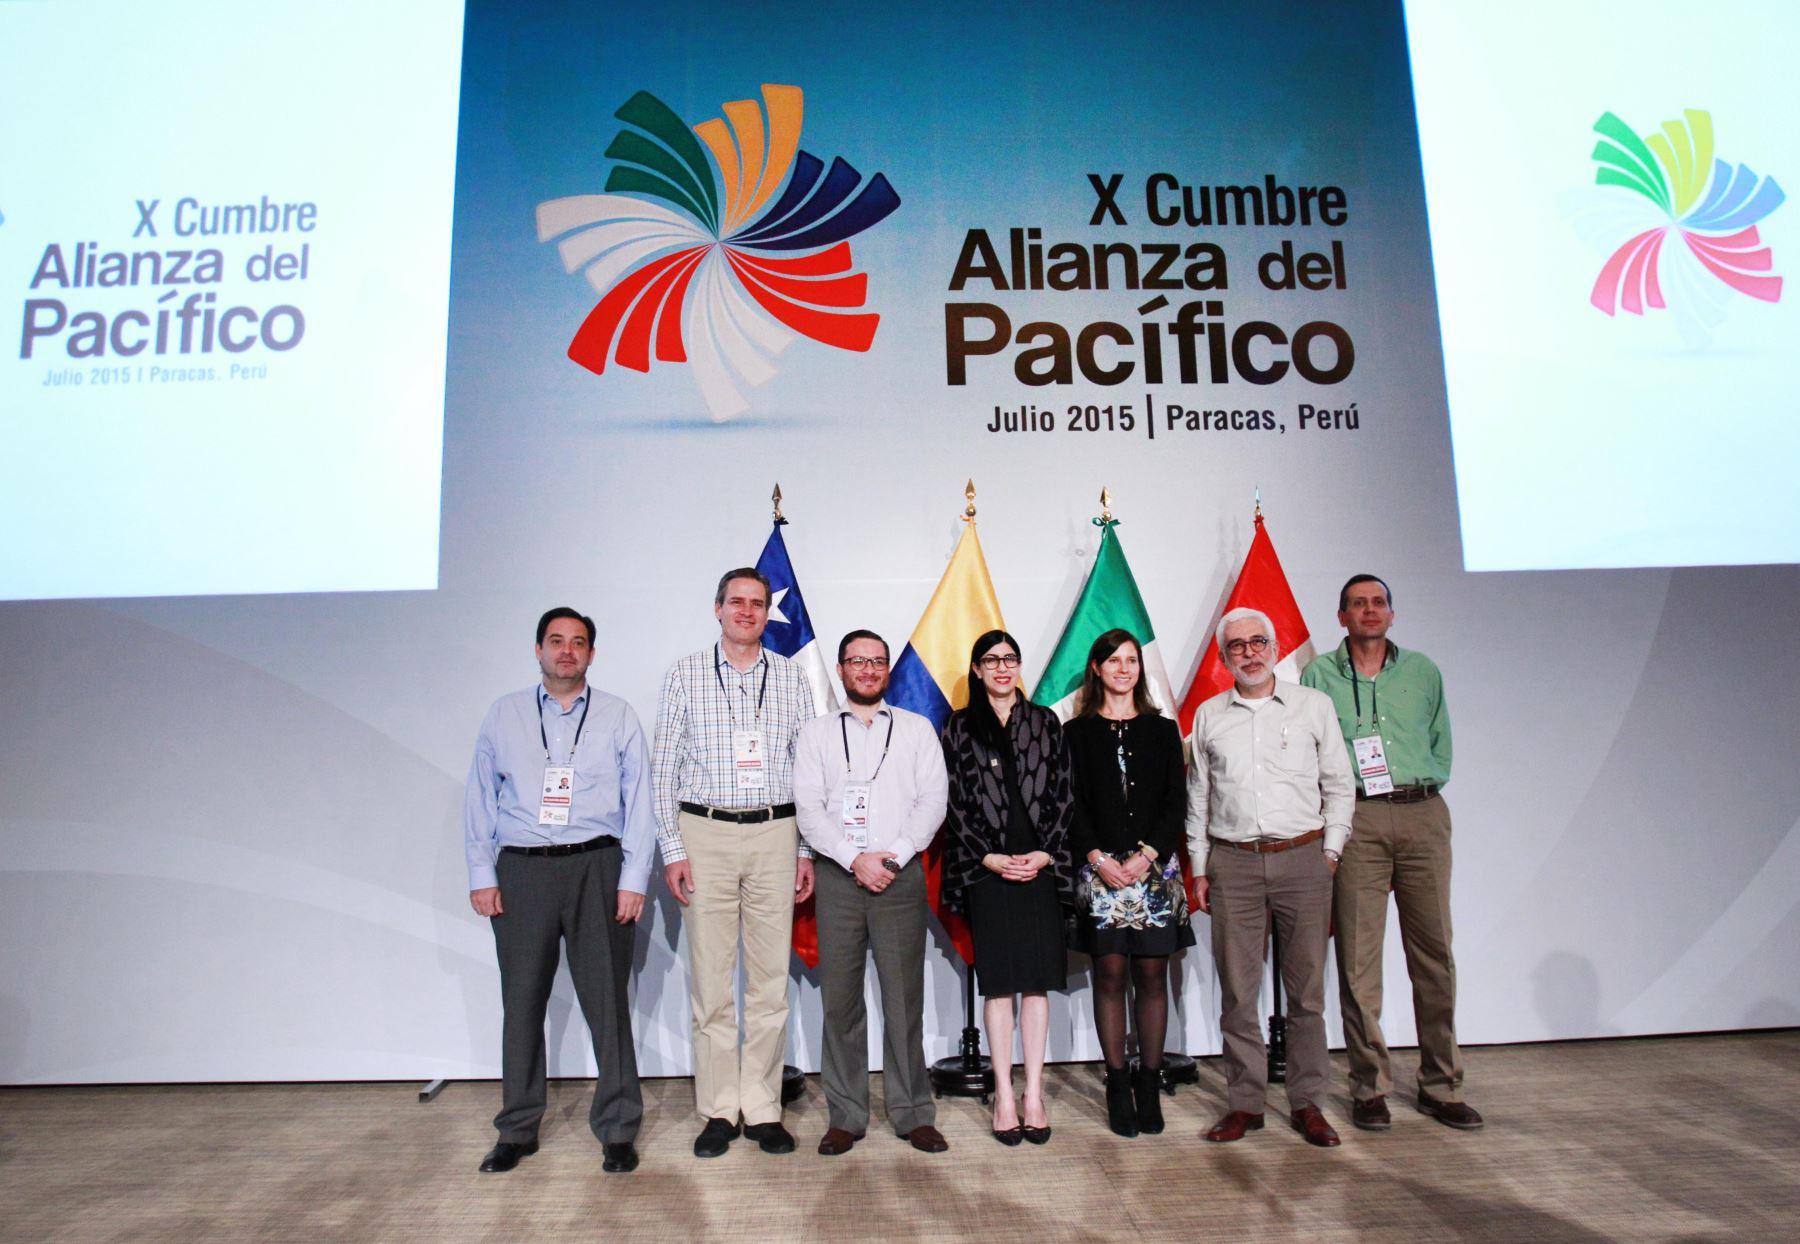 PARACAS, PERÚ - JULIO 01. Foto oficial de la Cumbre de Vice Cancilleres Alianza del Pacífico. Foto: ANDINA/Melina Mejía